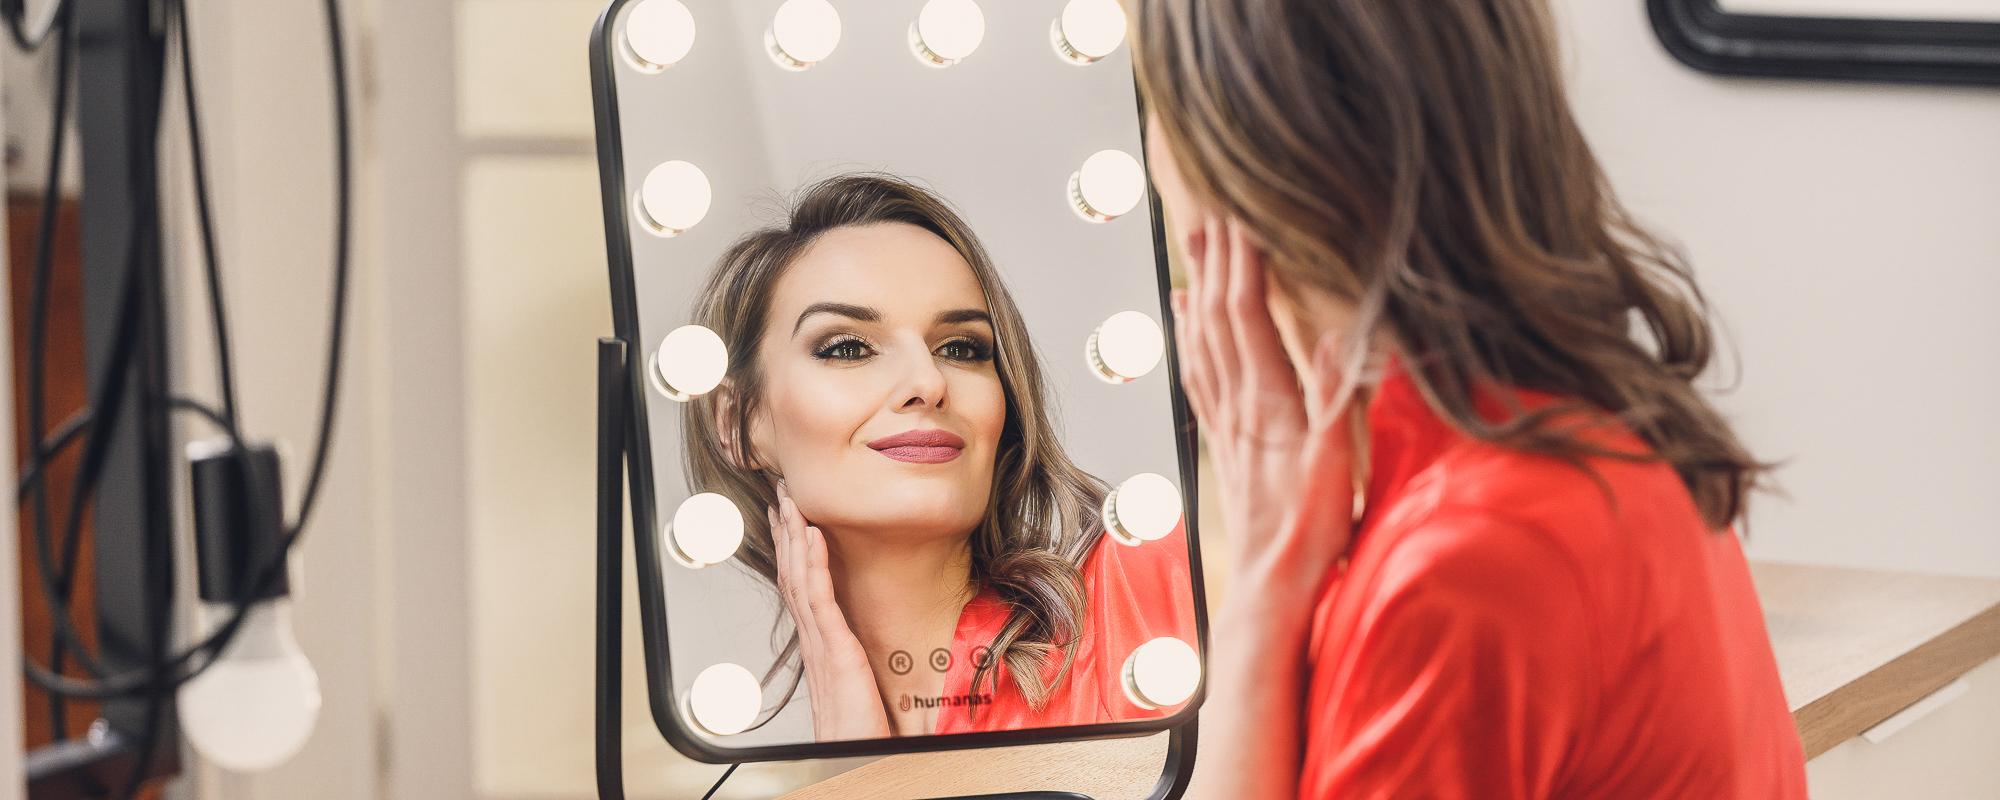 Młoda kobieta przegląda się w lustrze z oświetleniem LED